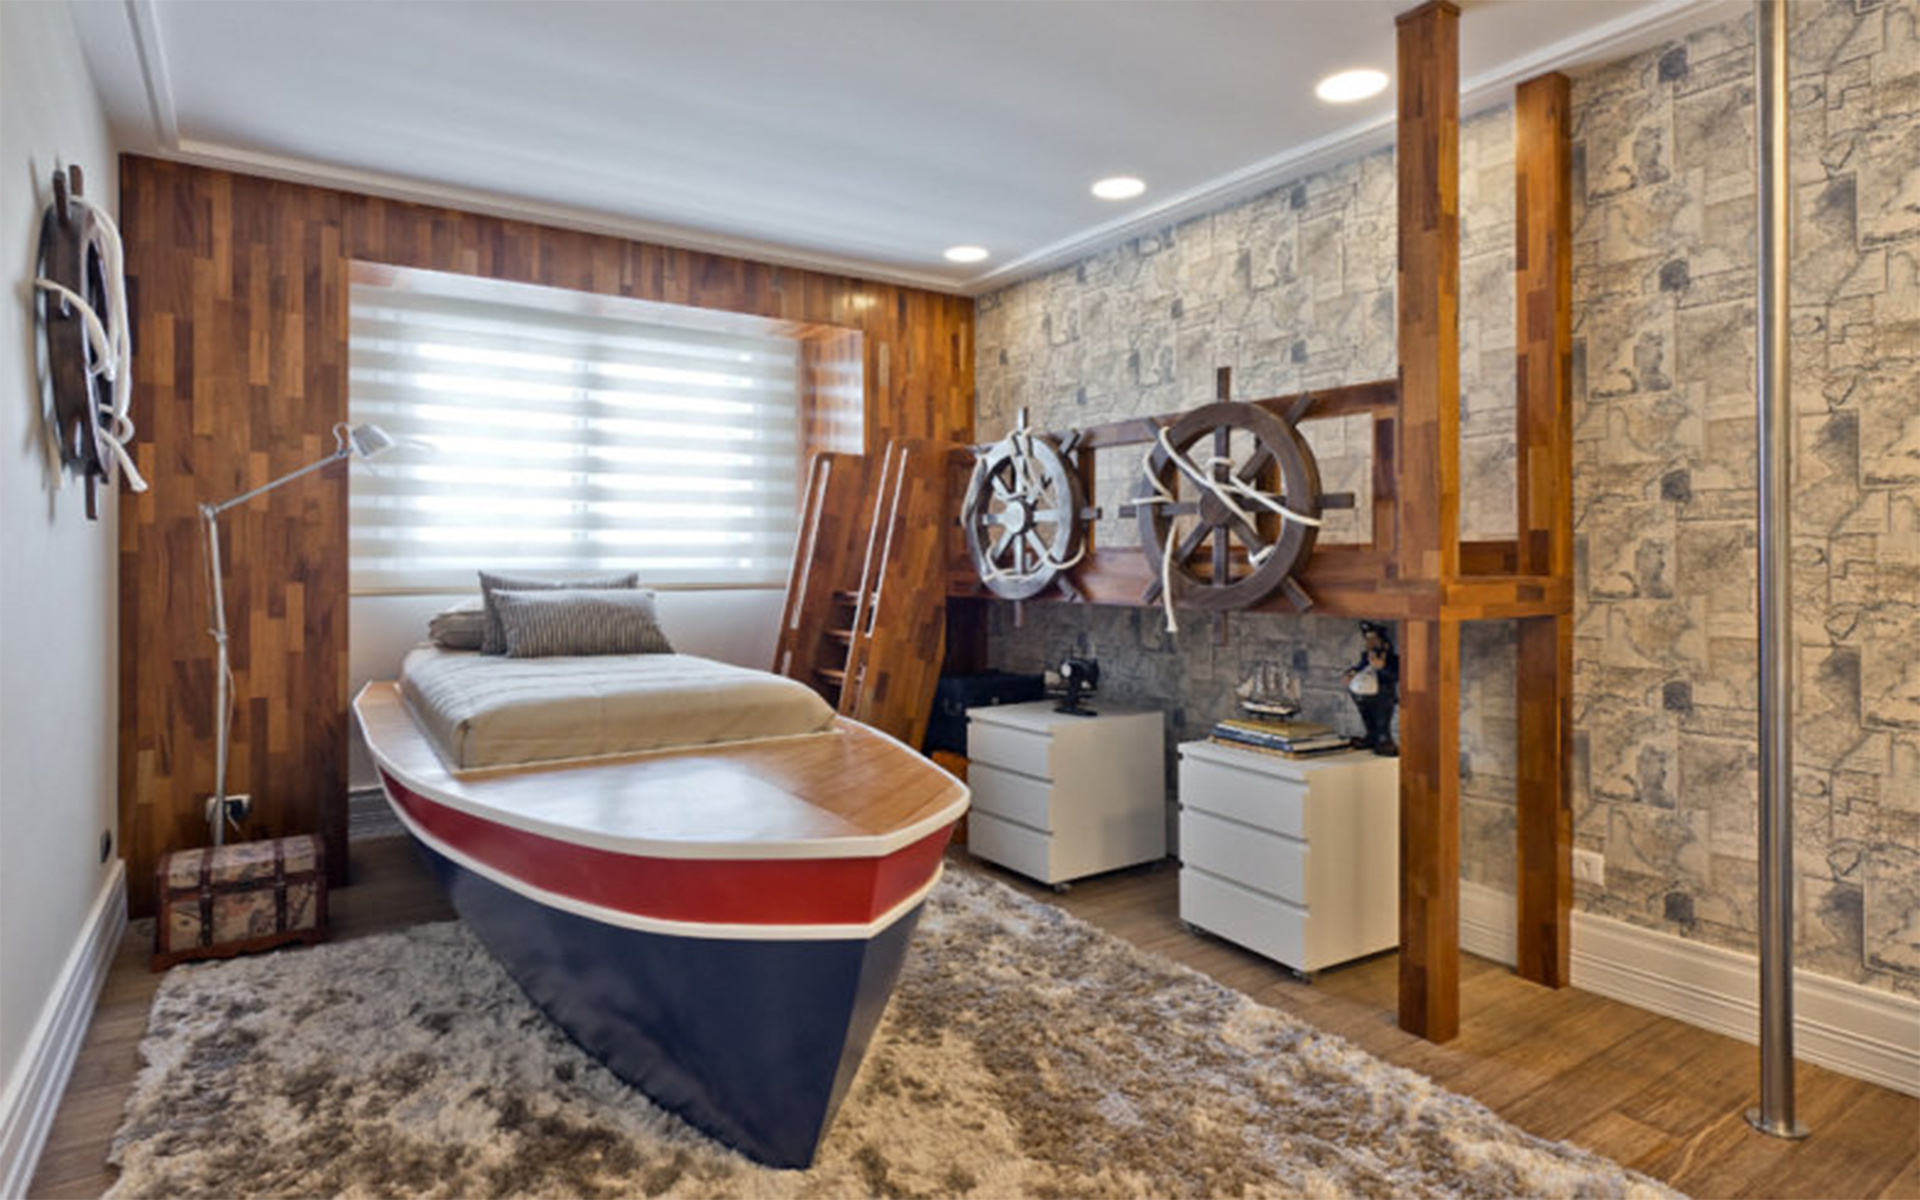 Quarto de menino com cama em formato de barco